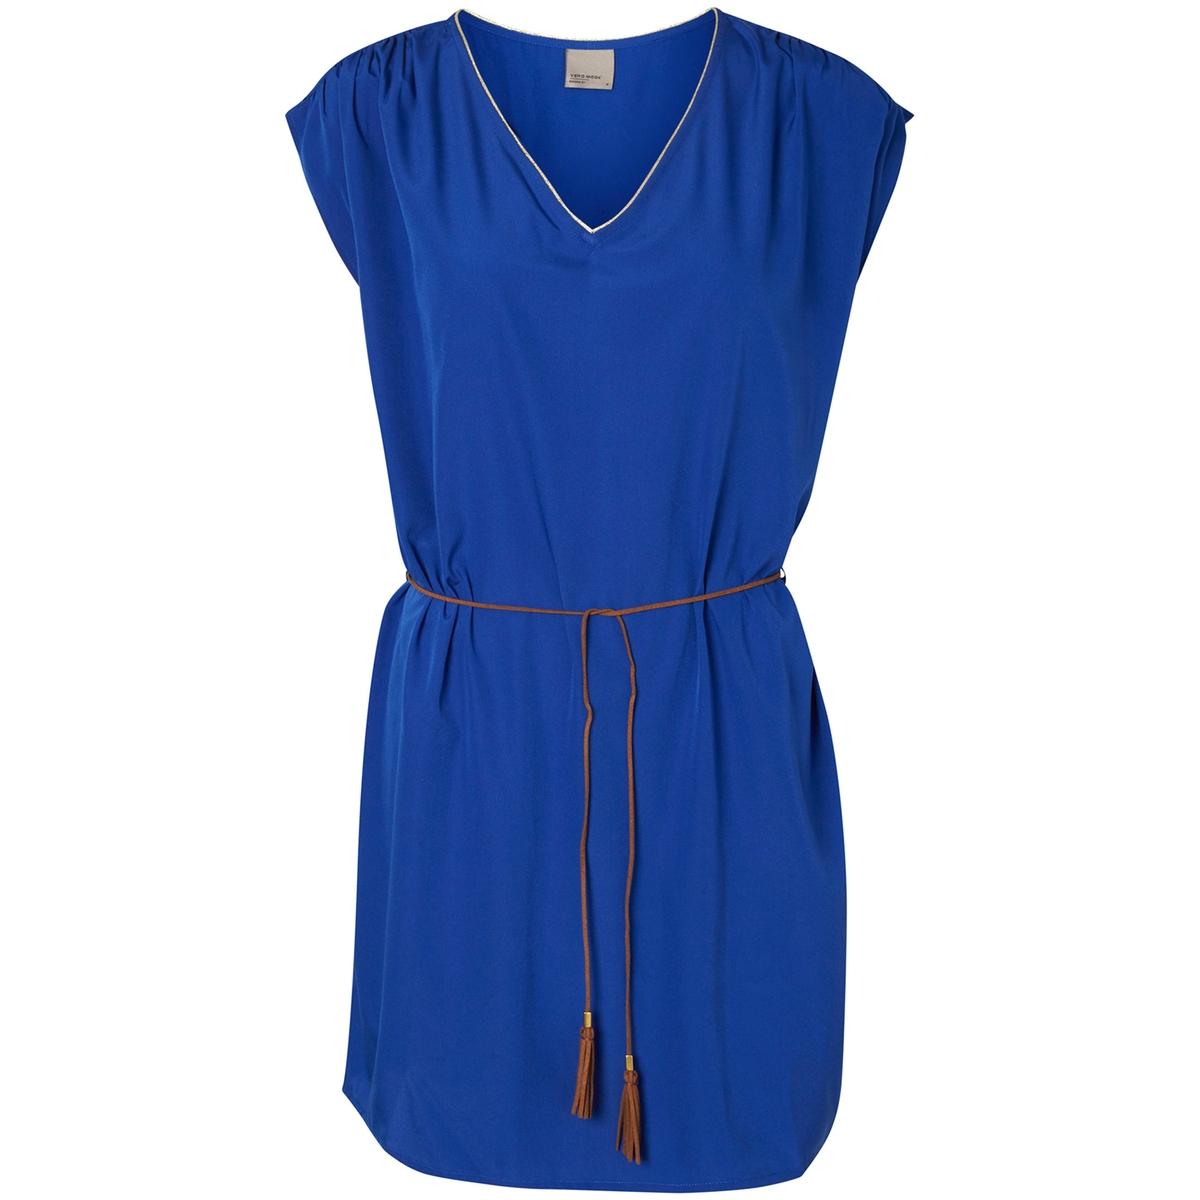 Платье до колен с короткими рукавамиДетали •  Форма : прямая  •  Длина до колен •  Короткие рукава    •   V-образный вырезСостав и уход •  100% полиэстер  •  Следуйте советам по уходу, указанным на этикетке<br><br>Цвет: коралловый,синий